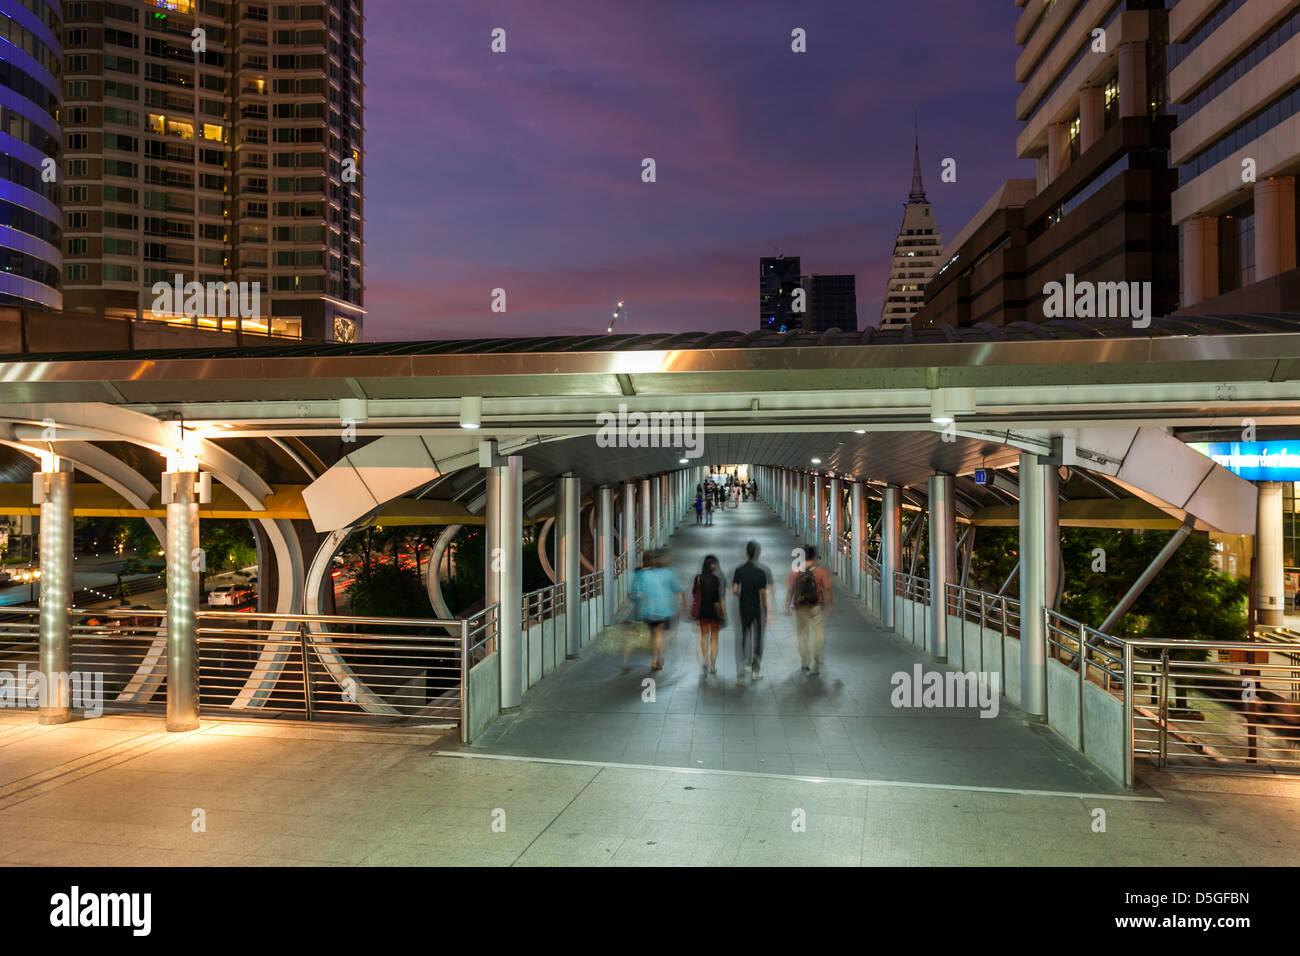 People walking on Skybridge, Chongnonsi Bridge, Bangkok, Thailand - Stock Image